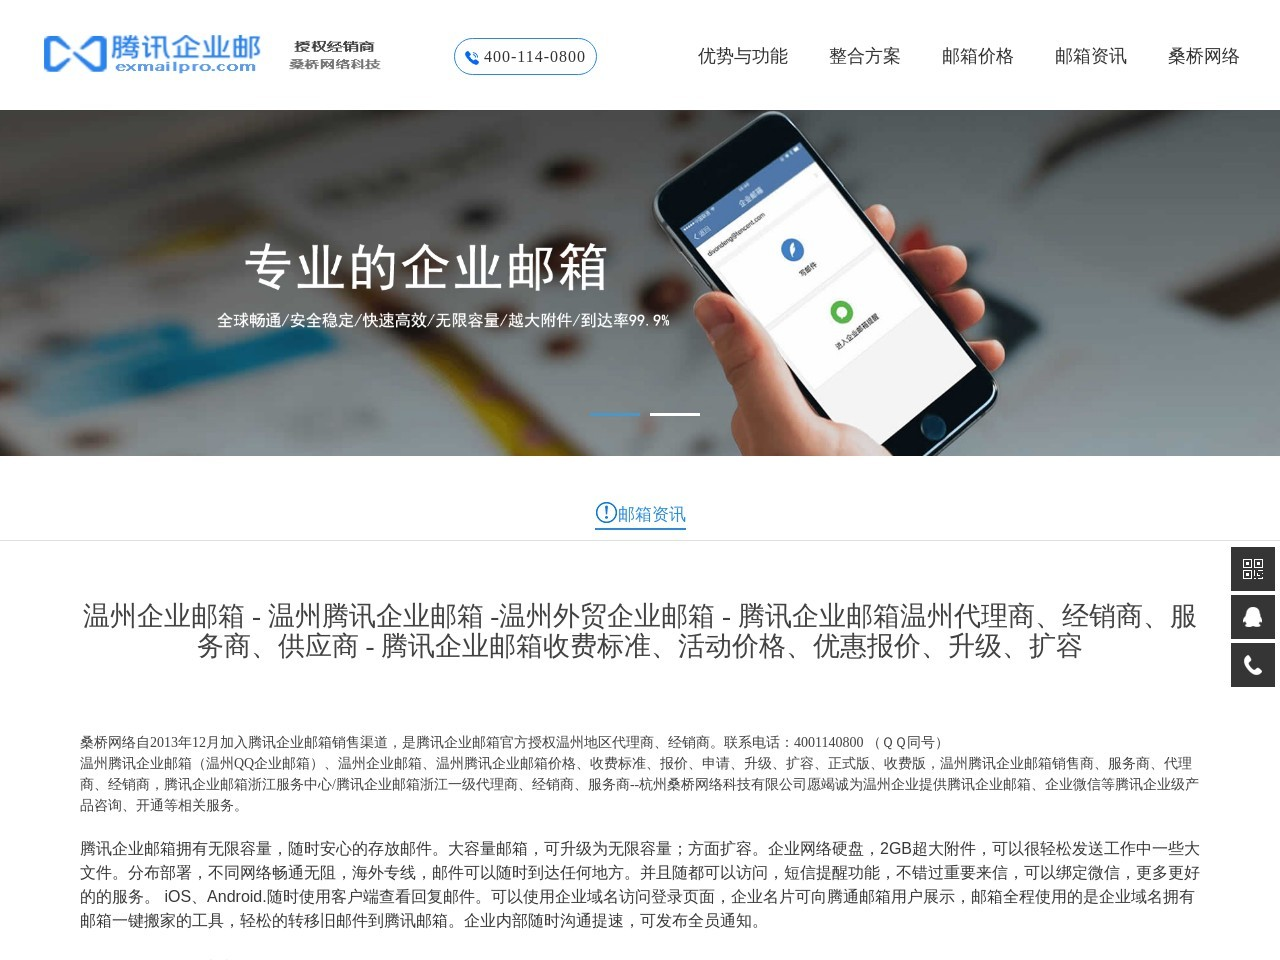 温州腾讯企业邮箱截图